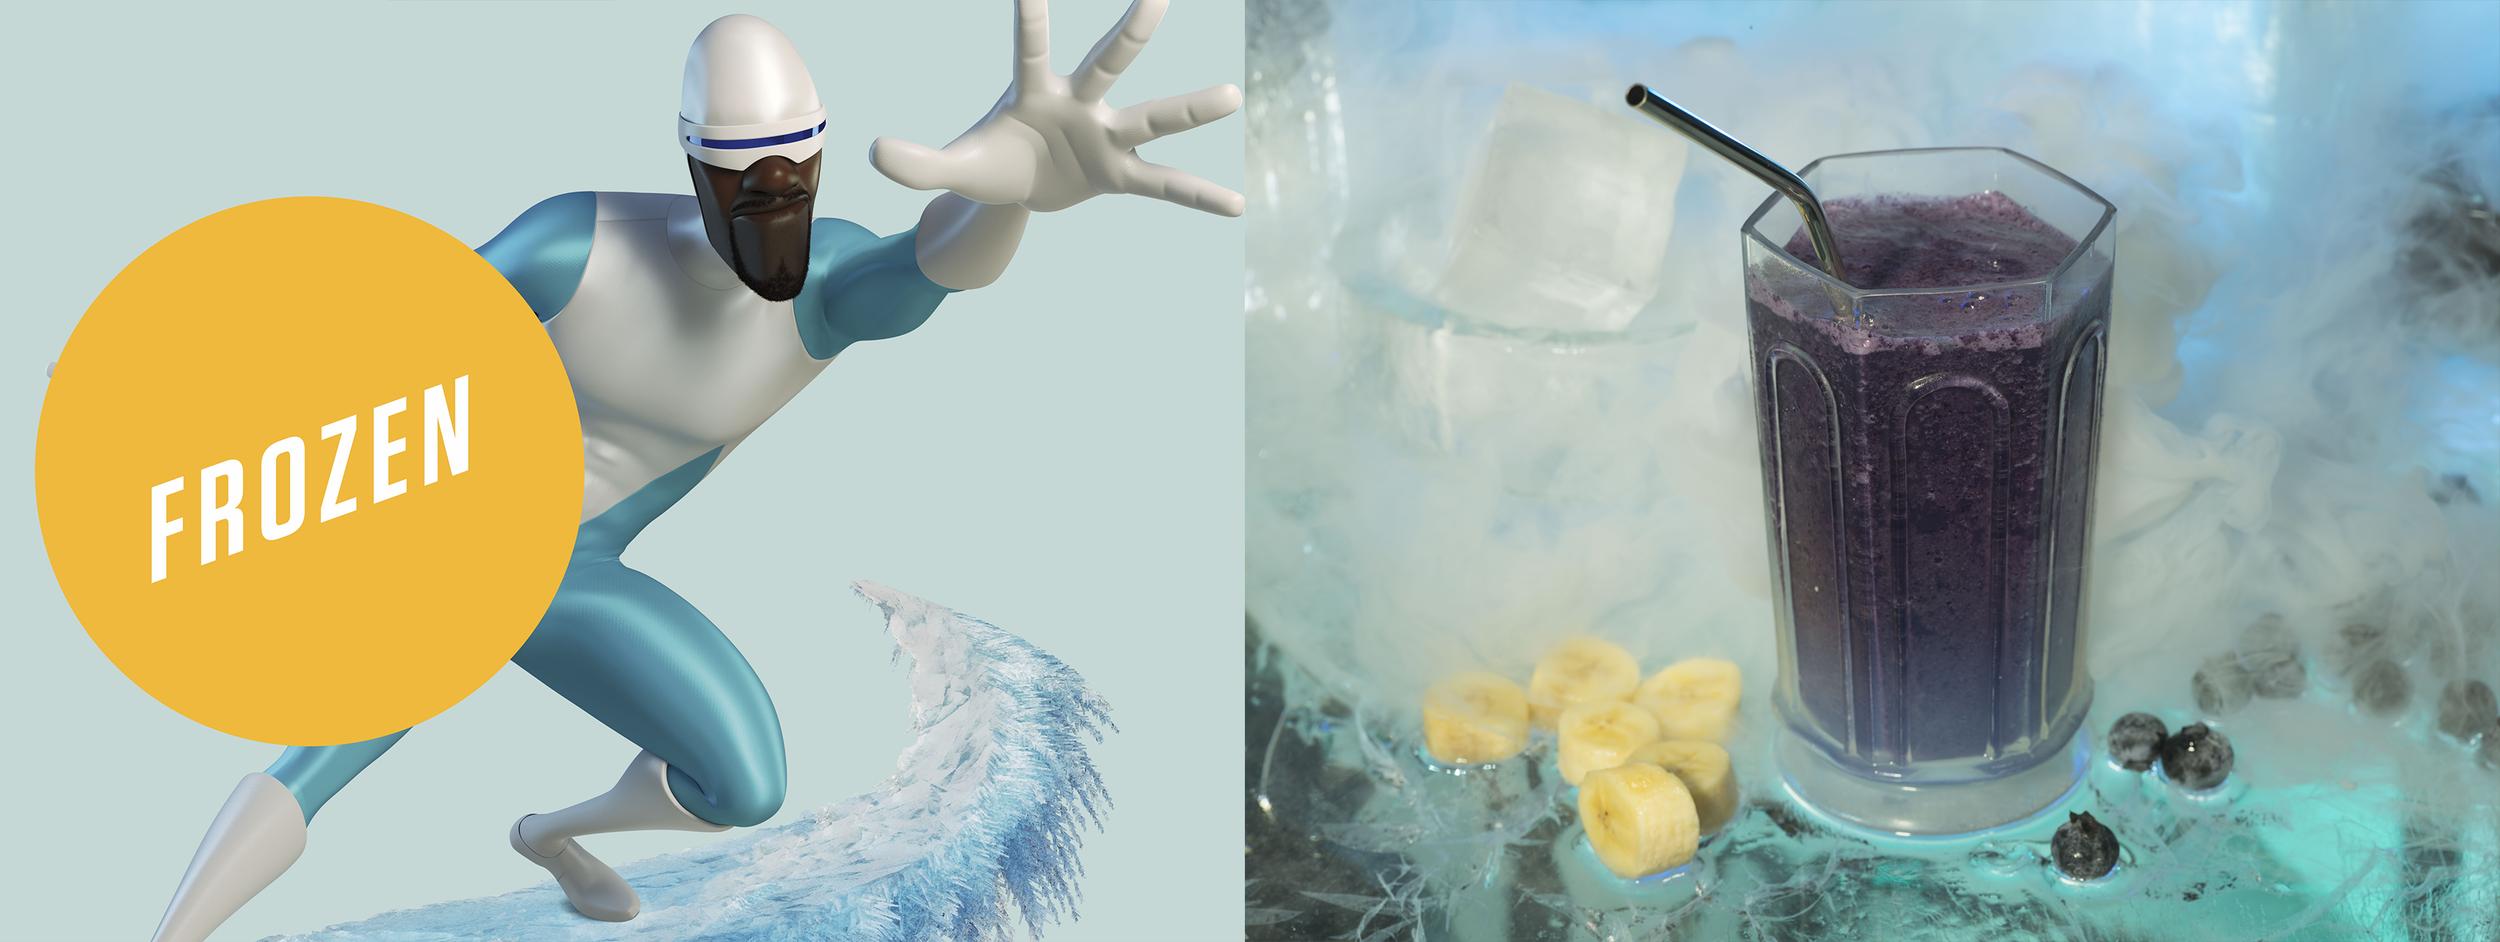 Frozone's Frozen Blueberry Protein Shake